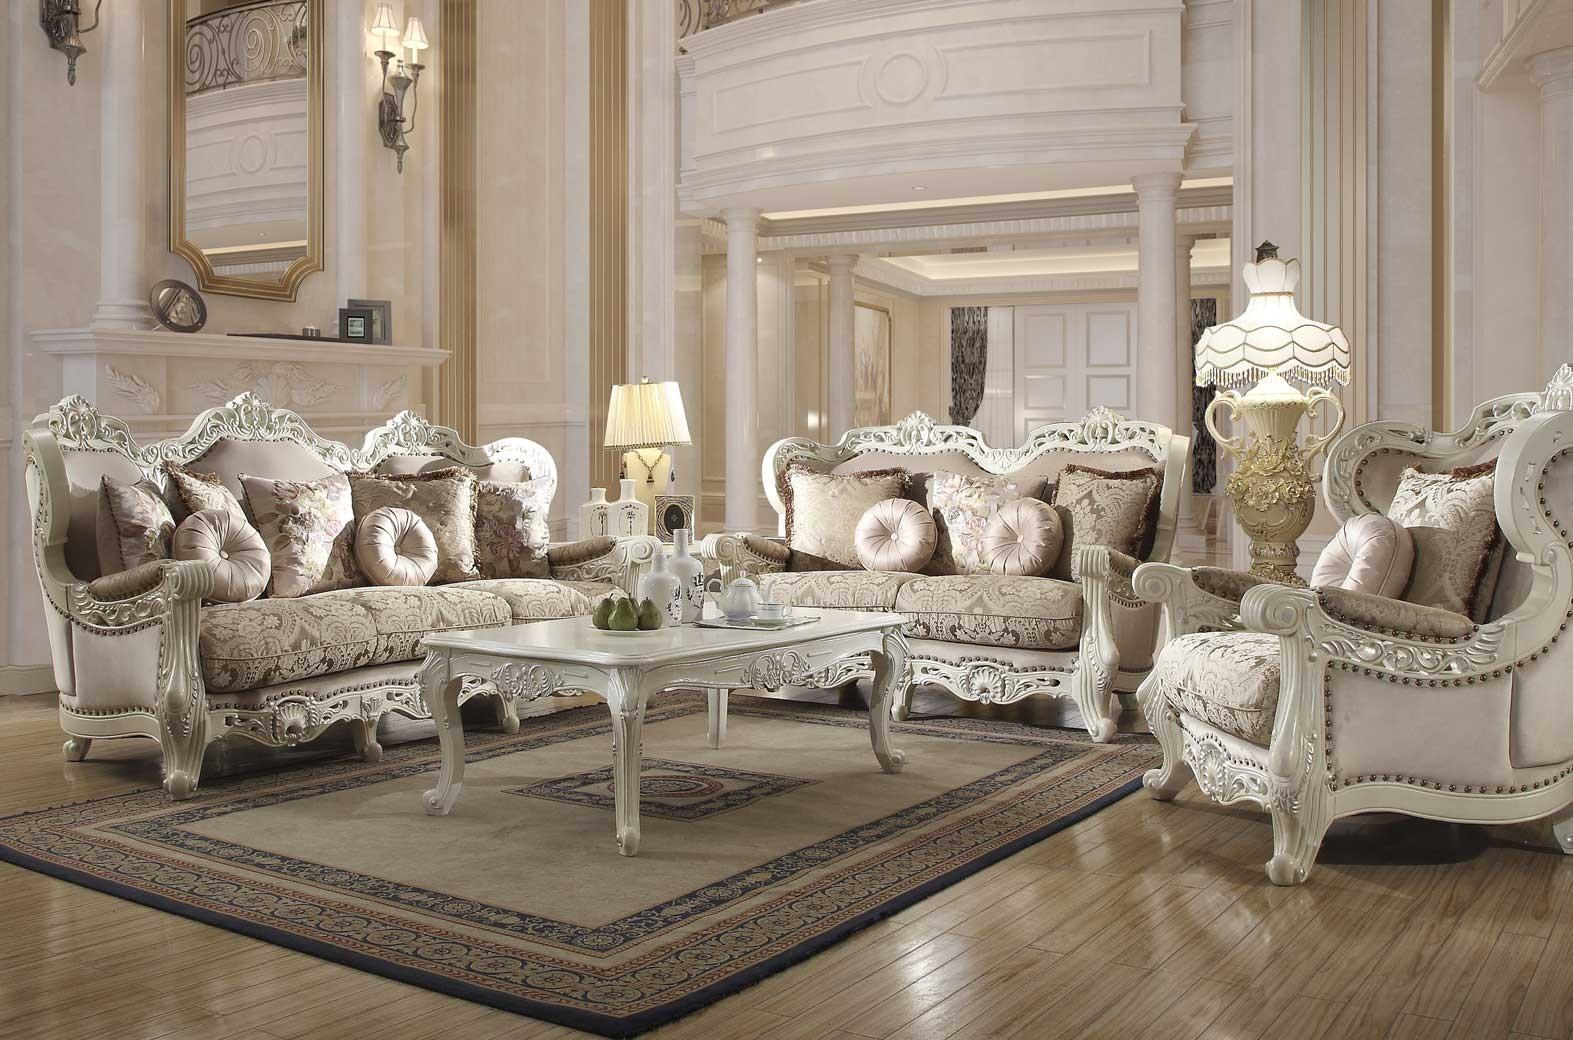 HD 9344 Homey Design Juego de Sala Estilo Victoriano, Europeo, Clasico